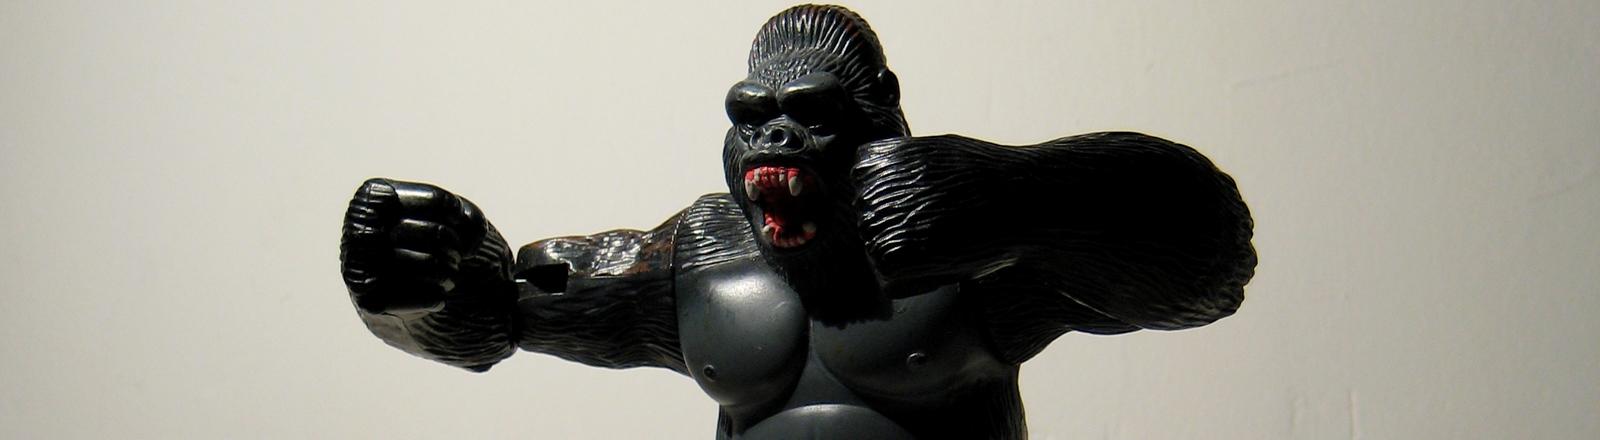 Ein brüllender Gorilla